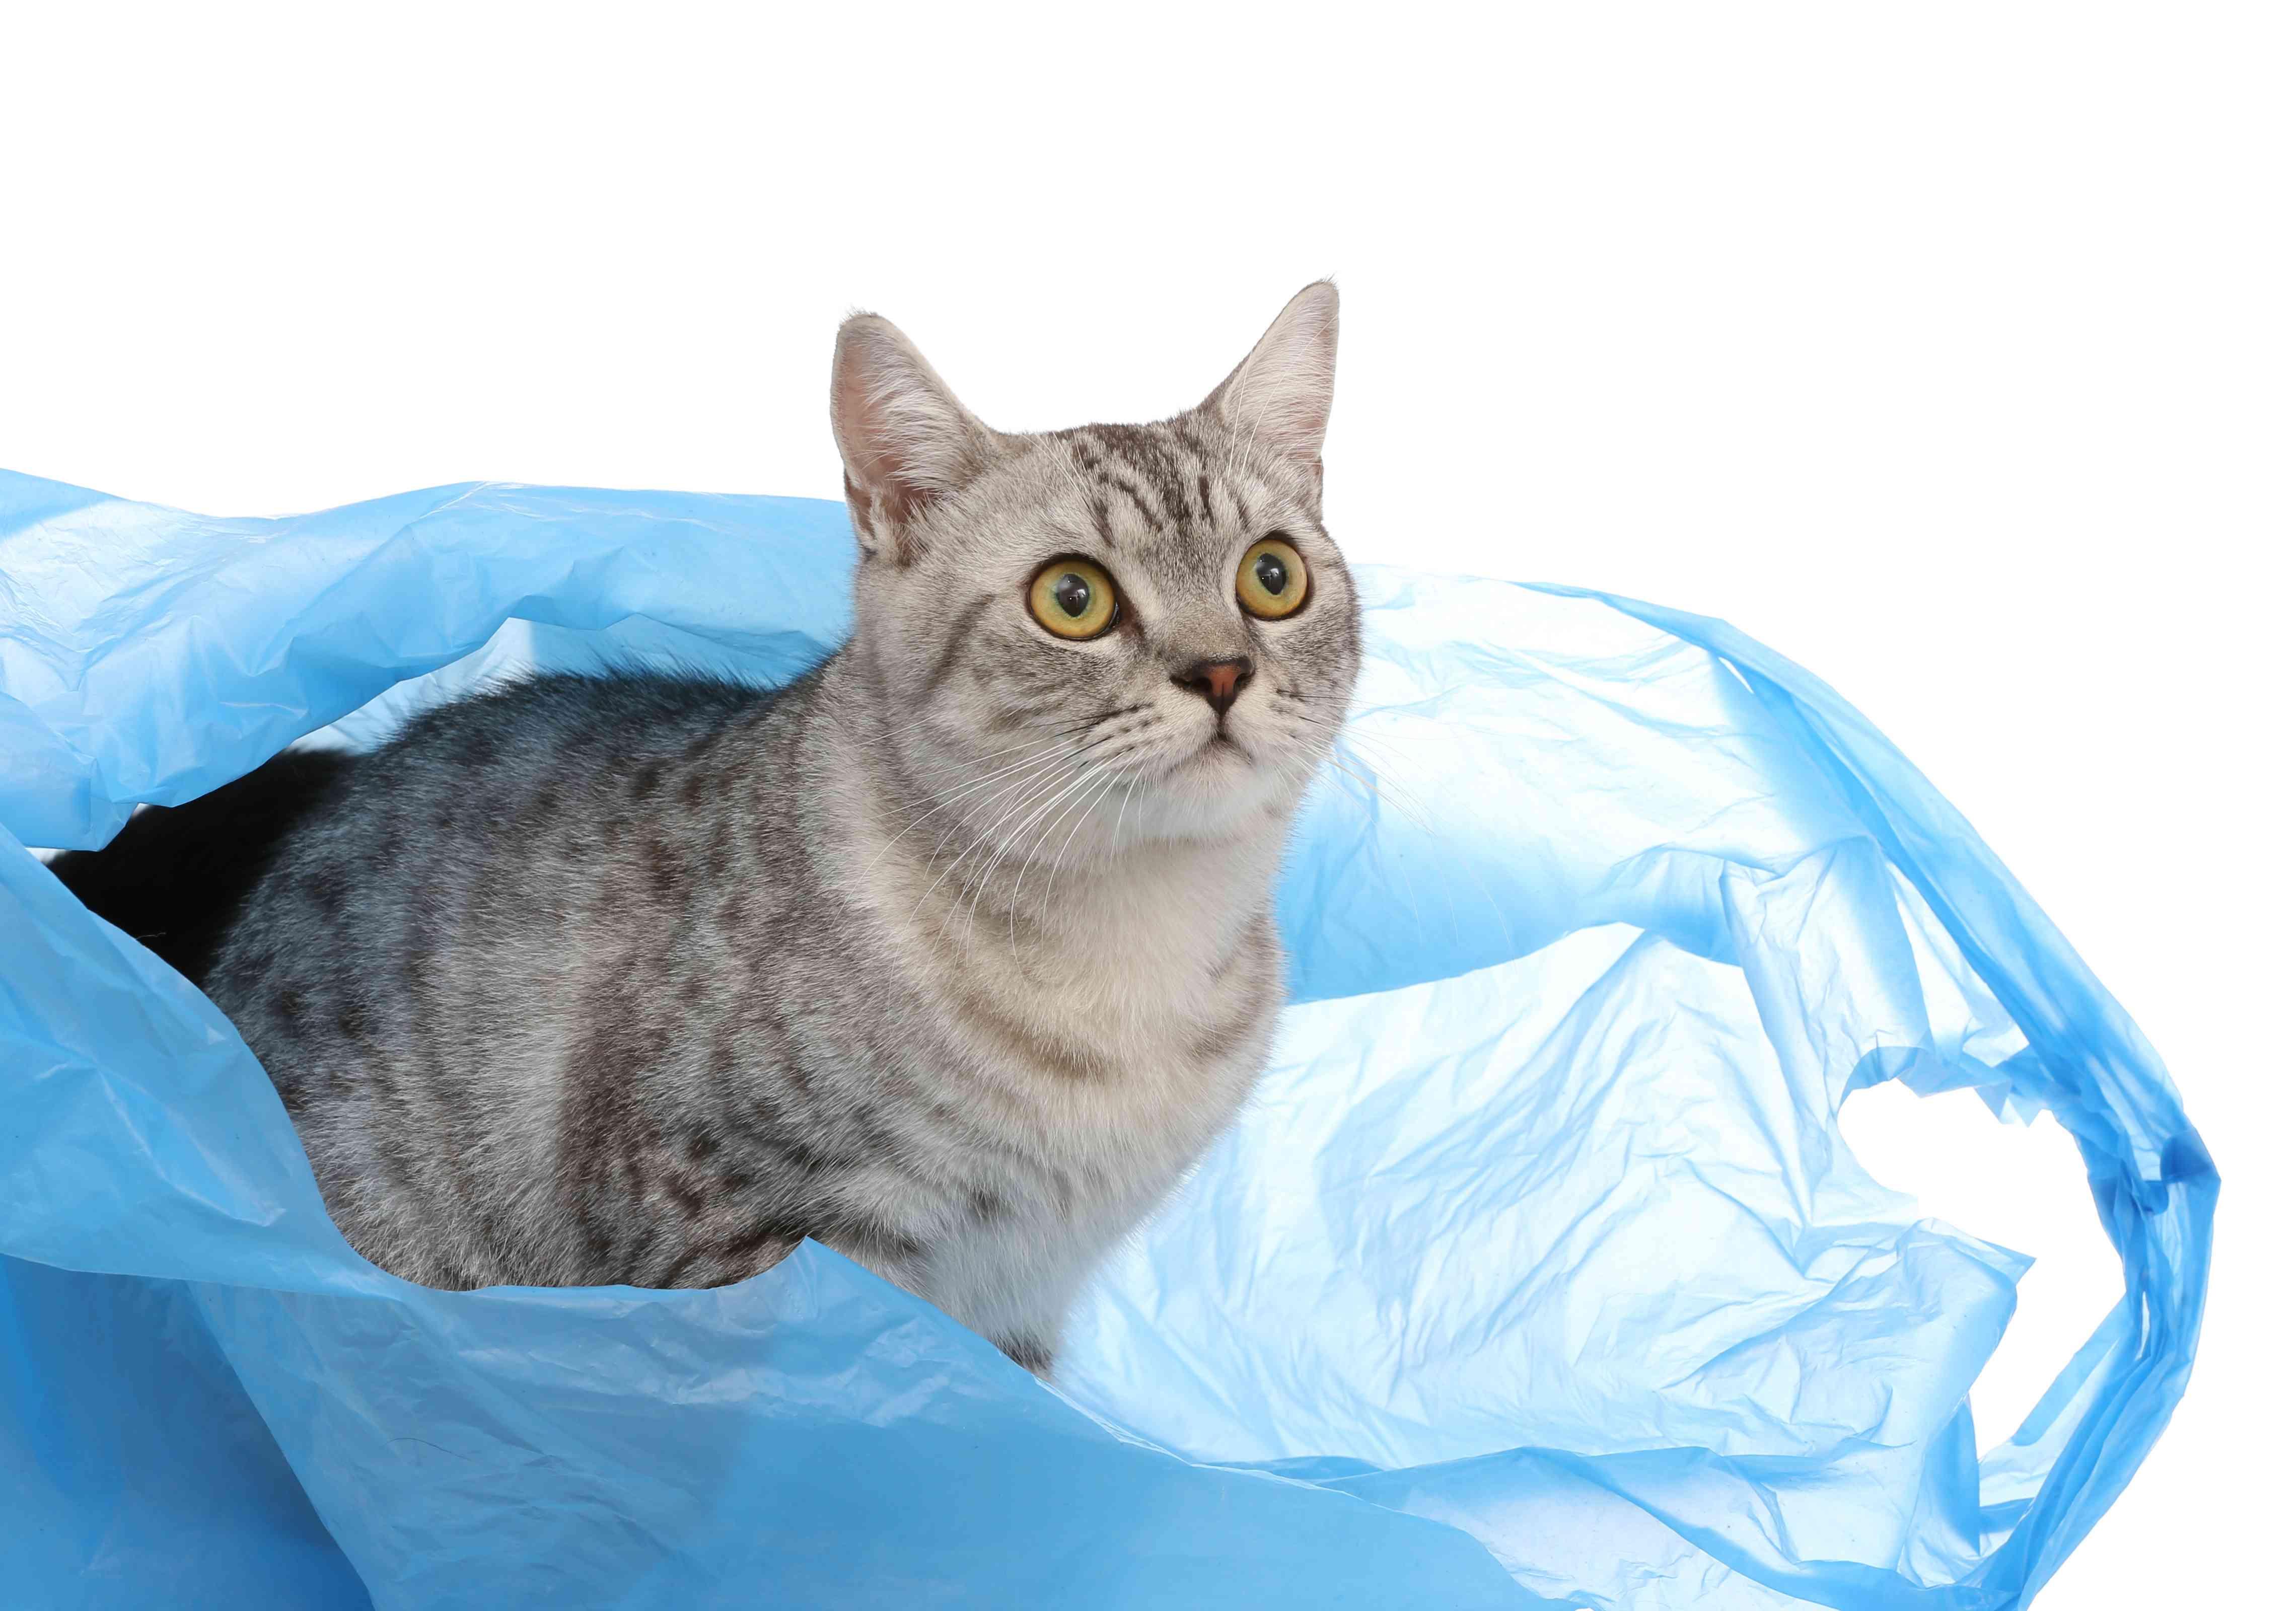 a cat in a blue plastic bag